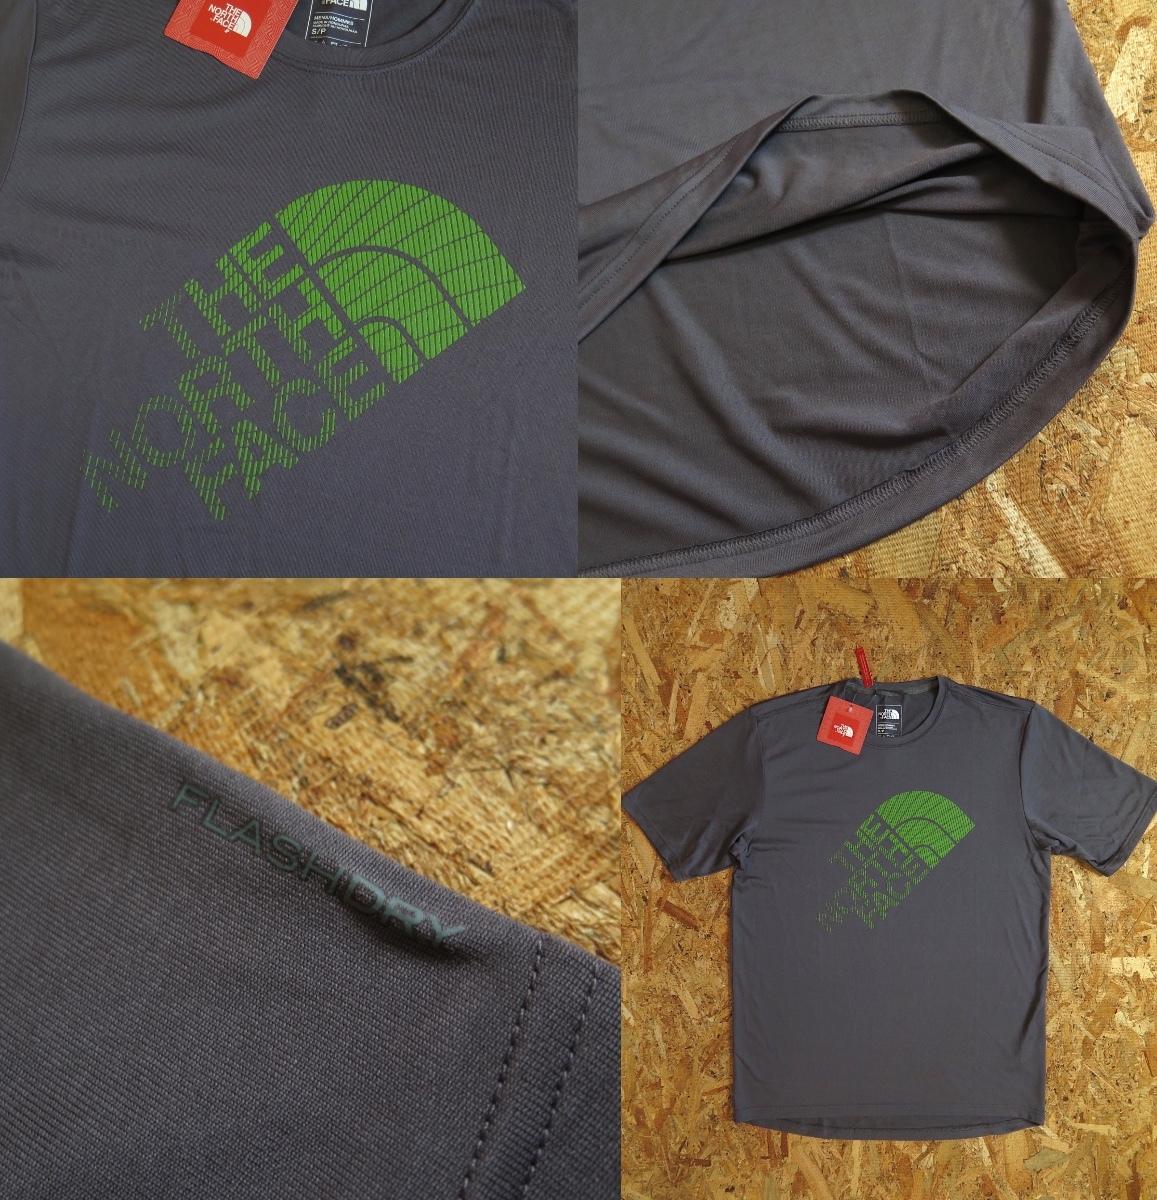 新品☆本物 NY購入 THE NORTH FACE ロゴ Tシャツ Mサイズ ノースフェイス LOGO S/S TEE USA限定 日本未発売モデル T-SHIRT D.GRAY/GREEN_画像8